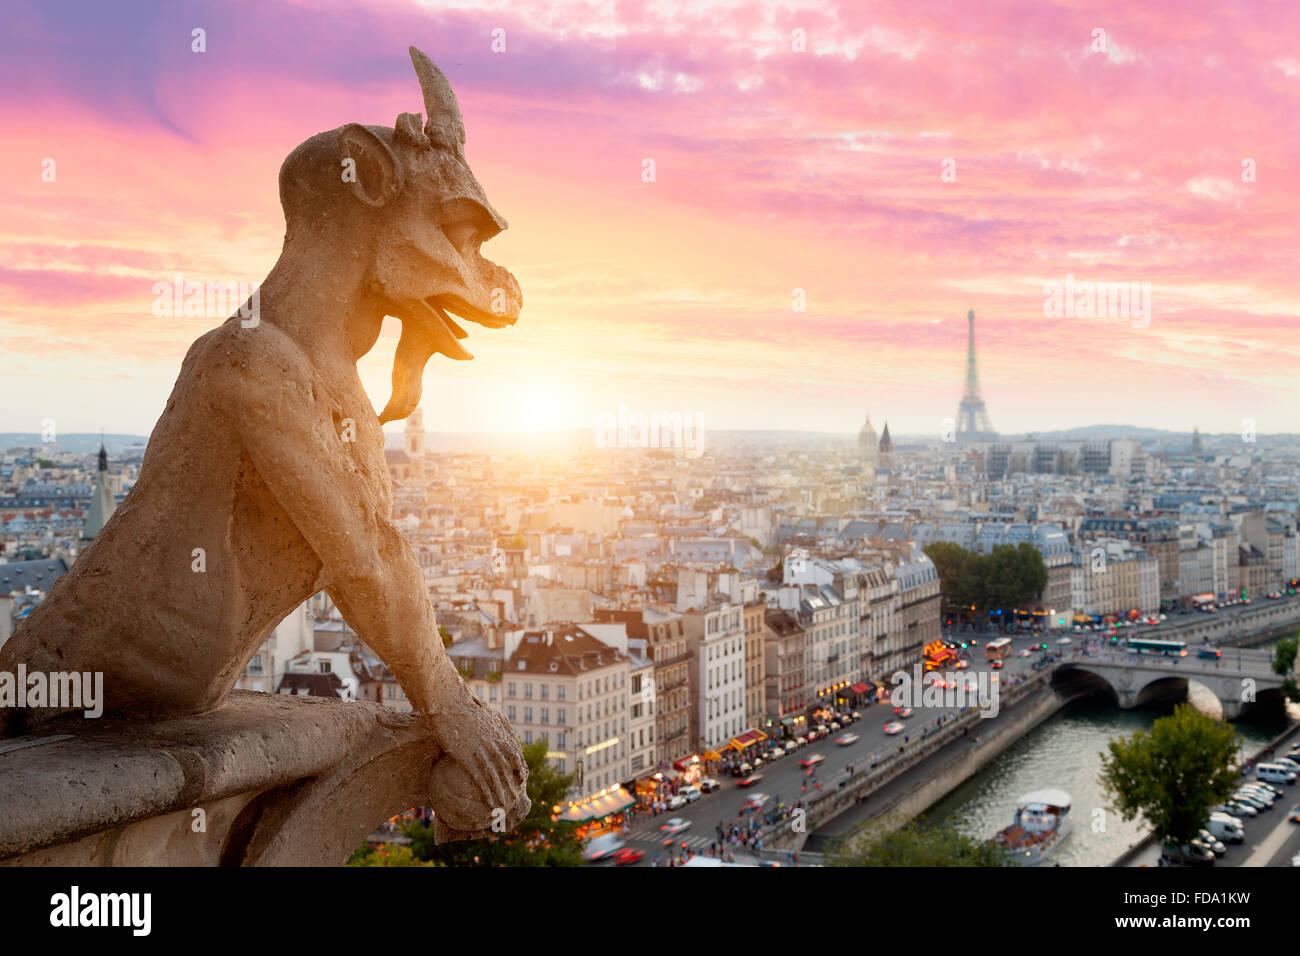 Paris skyline from Notre Dame de Paris cathedral - Stock Image